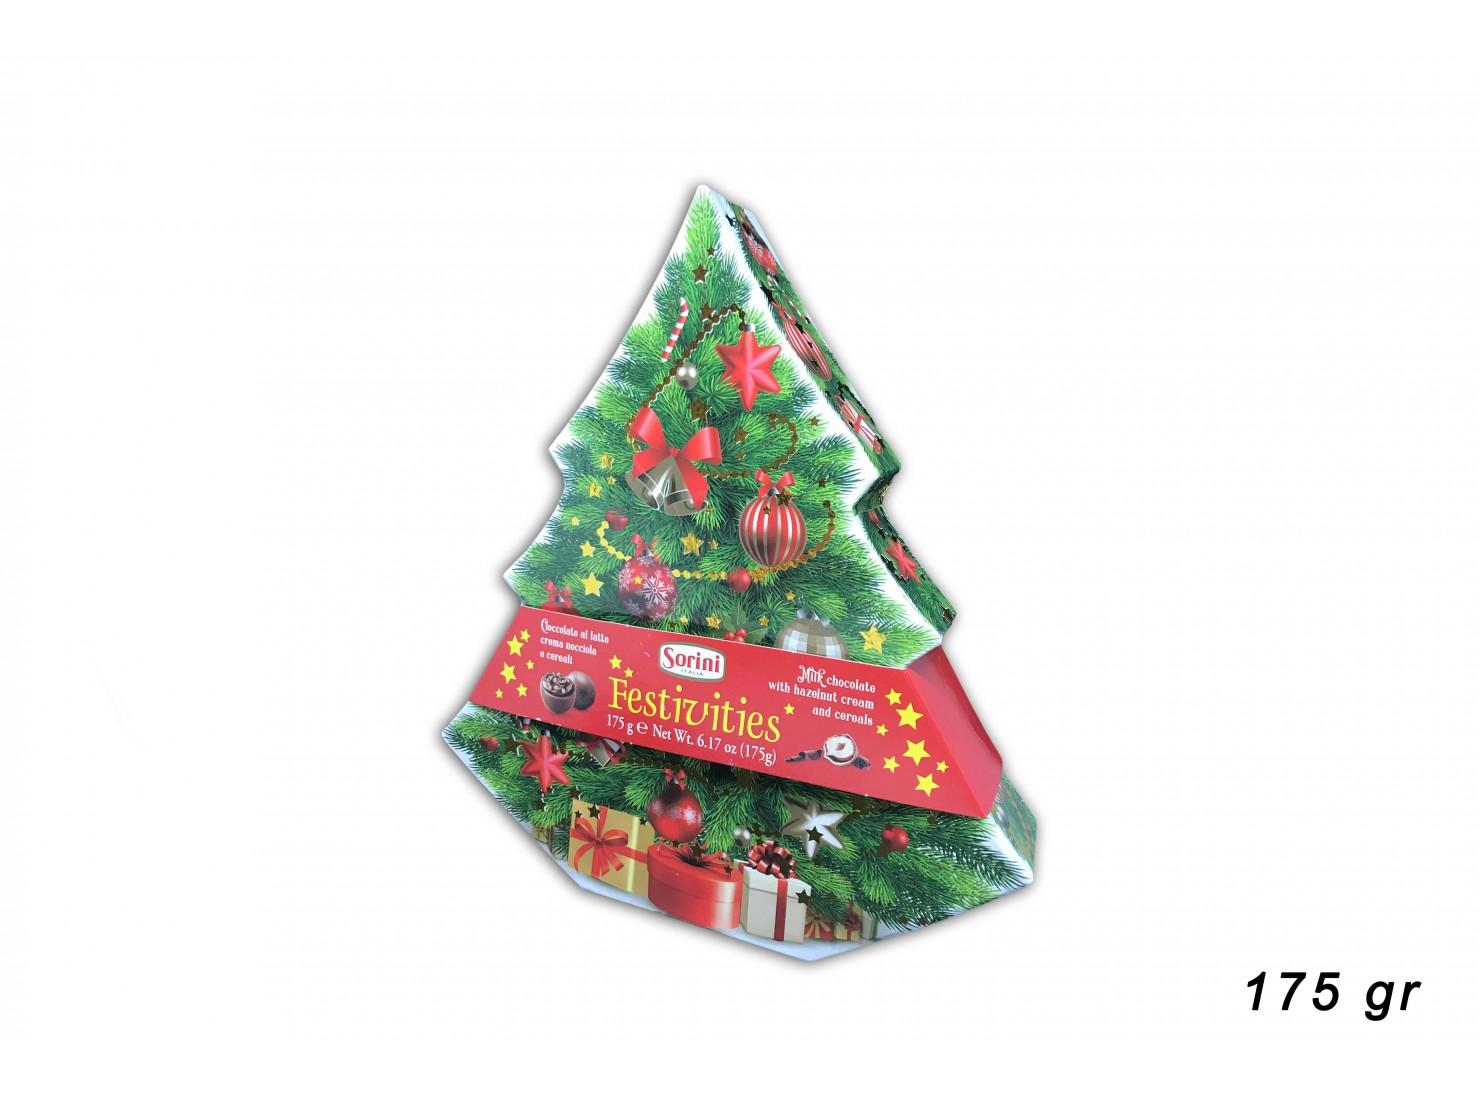 SCATOLA TREE BOX 175 GR SORINI